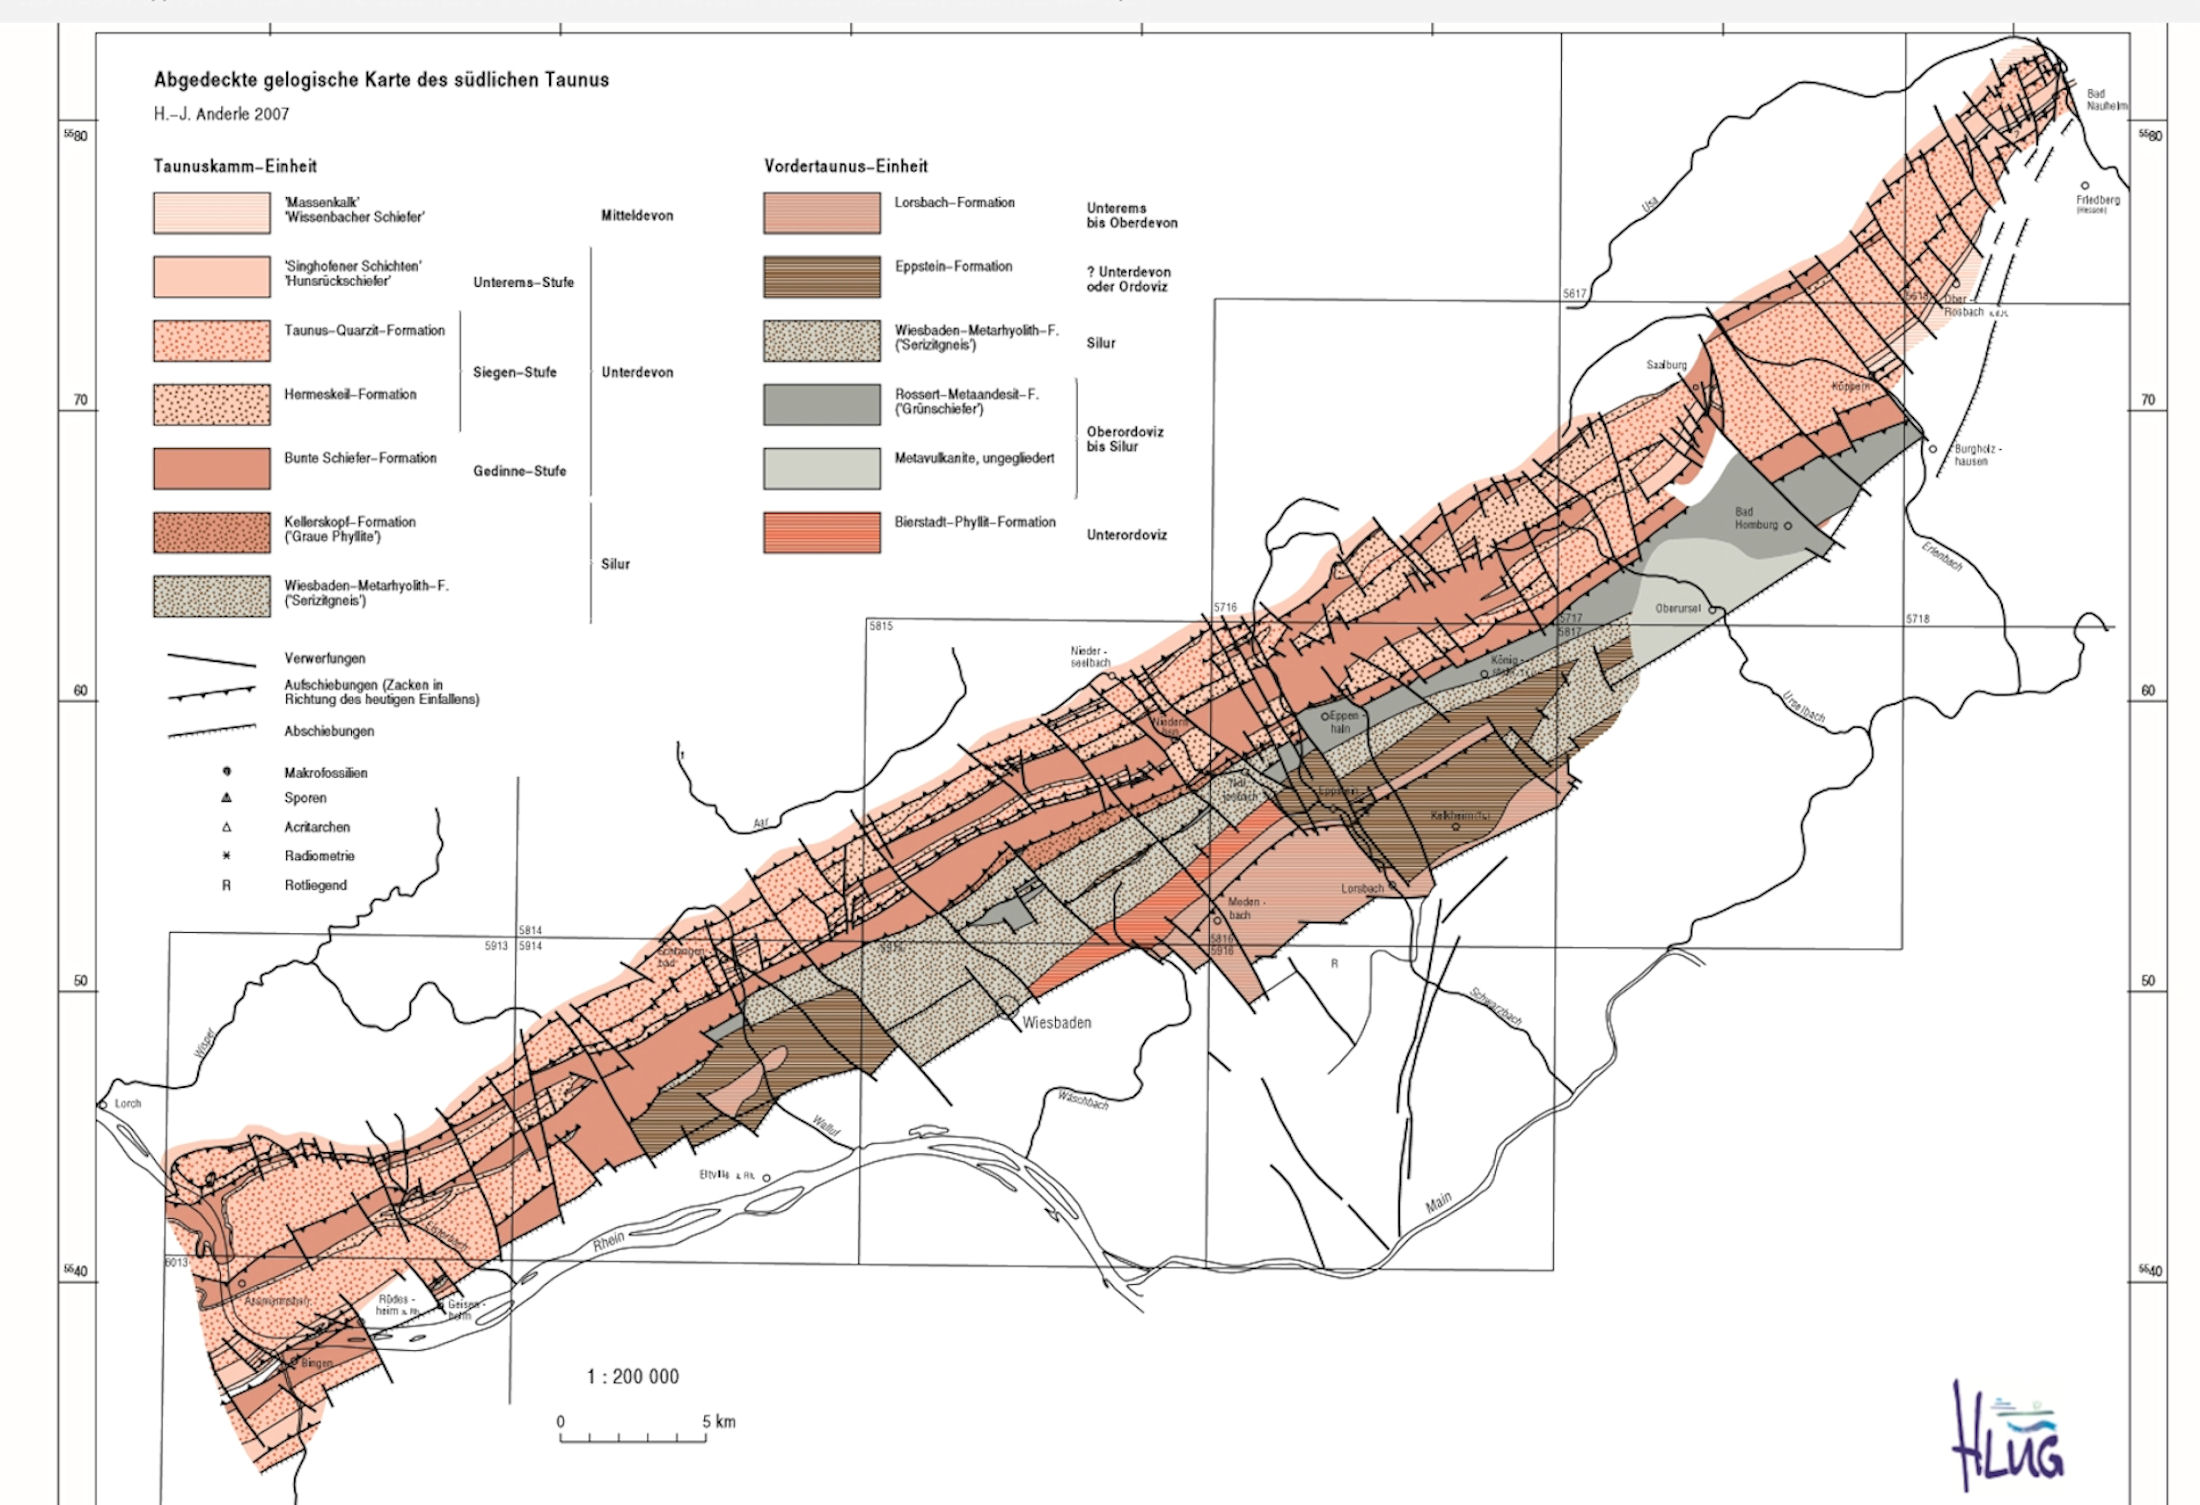 Geologische Karte des südlichen Taunus